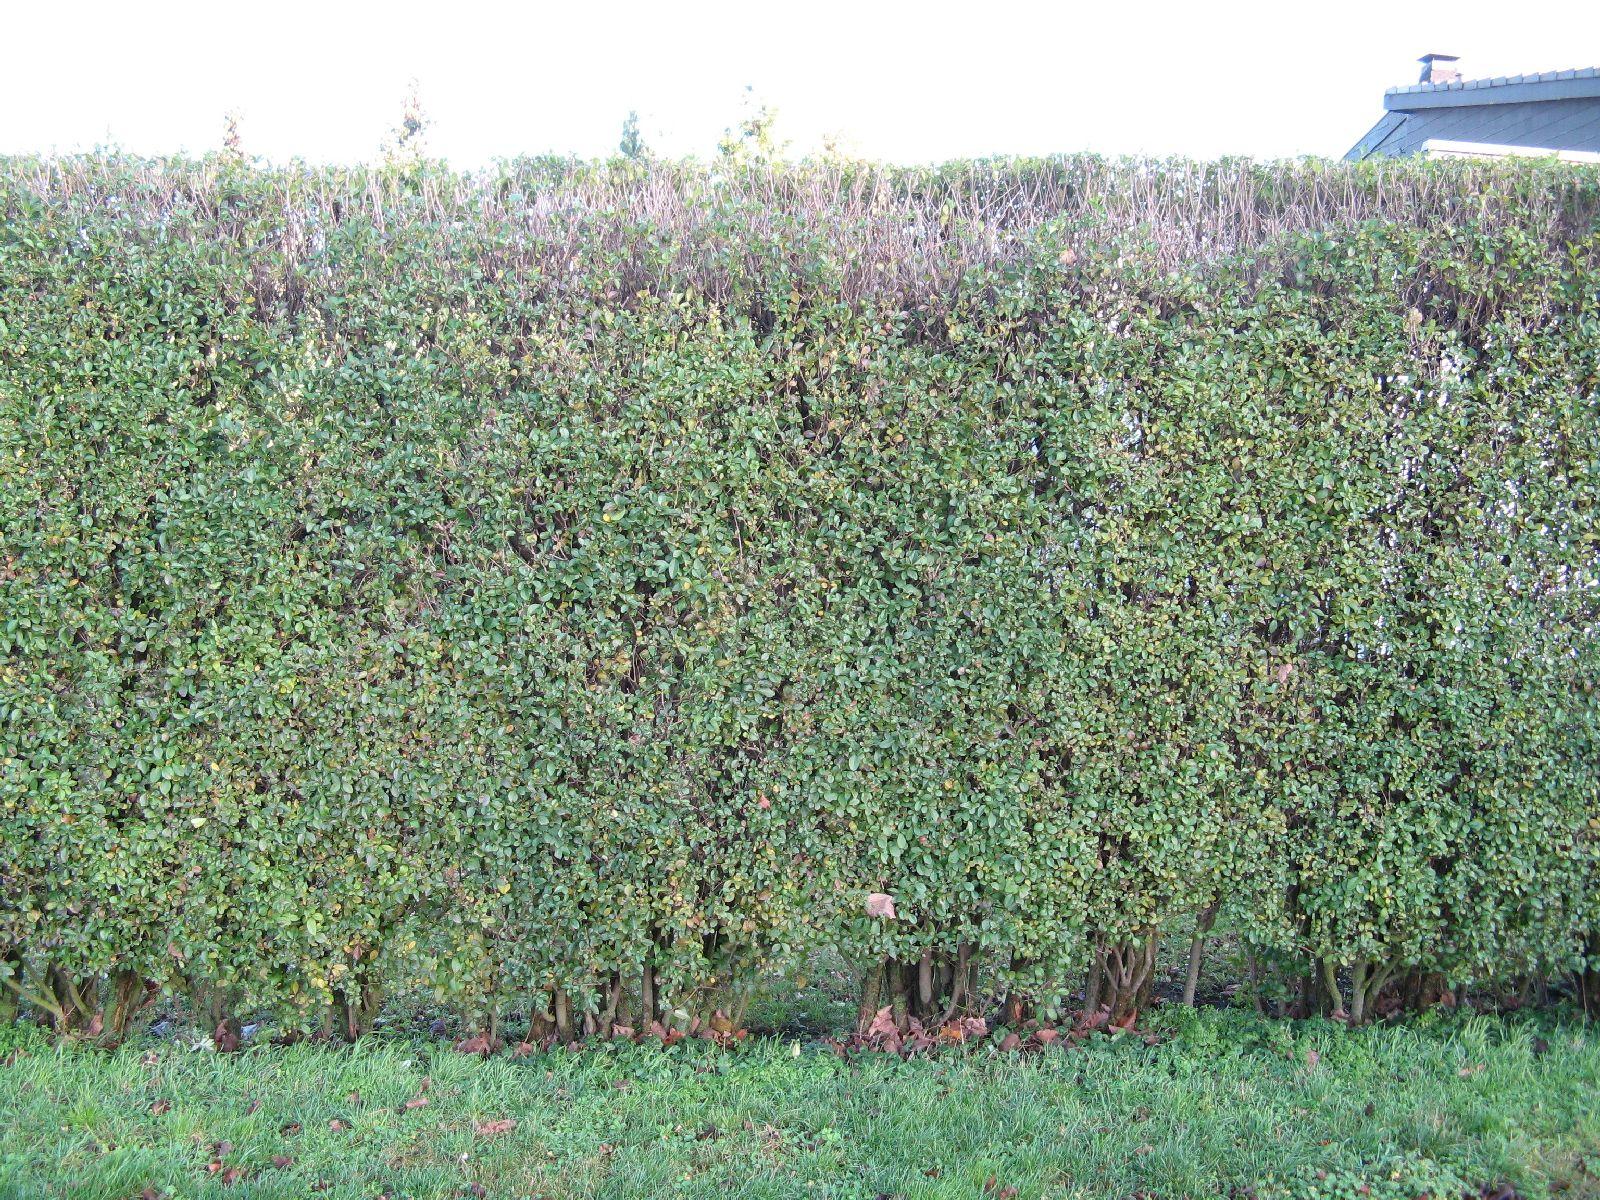 Pflanzen-Hecken-Foto_Textur_B_12220